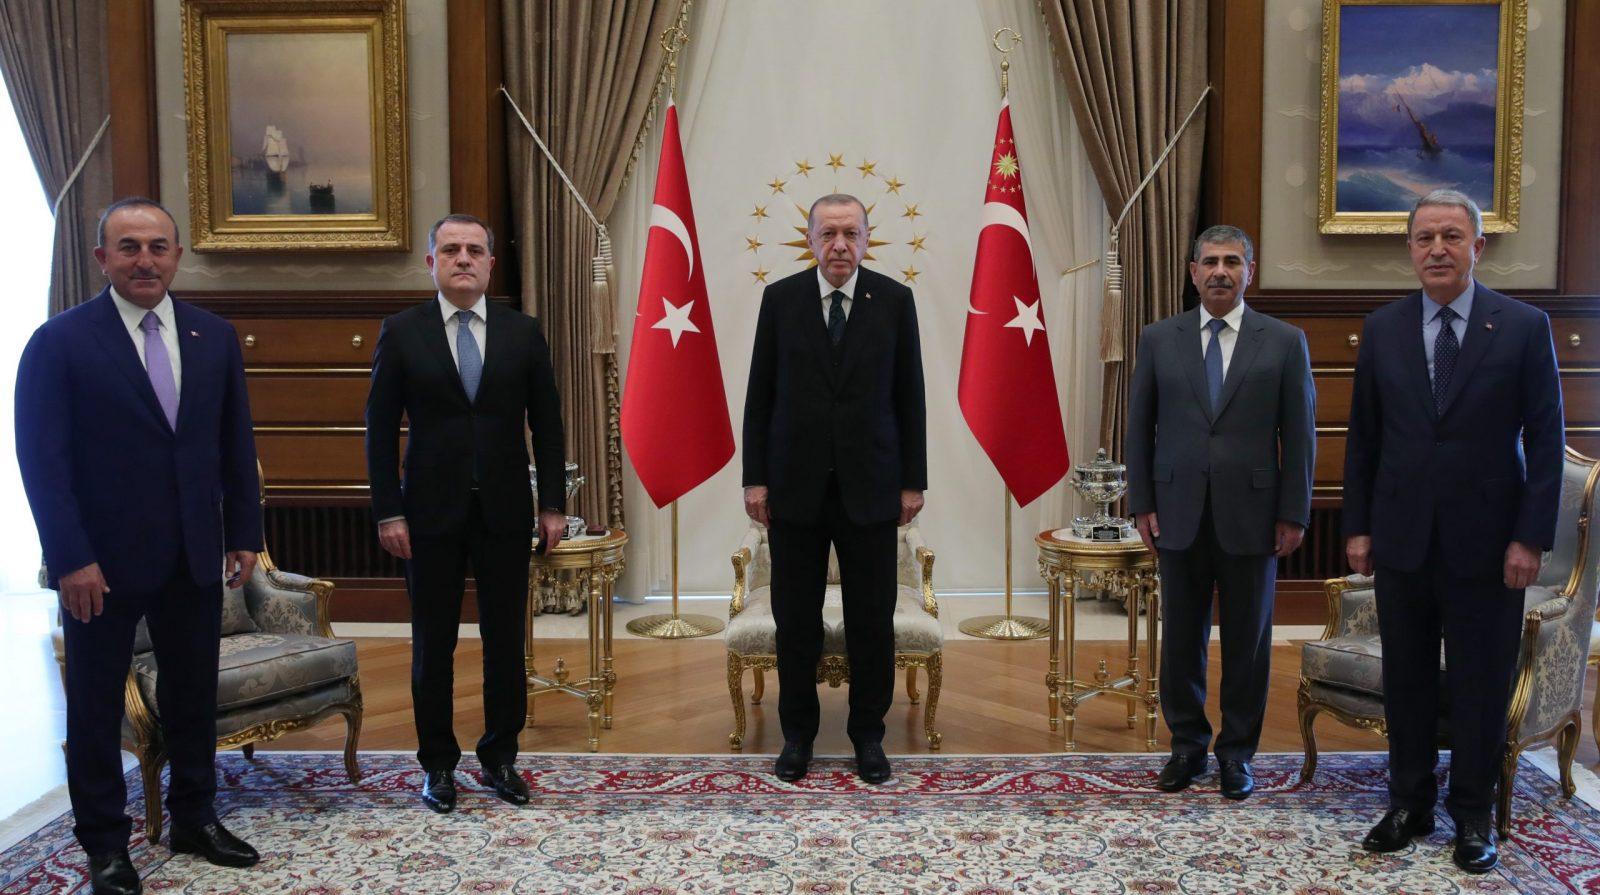 Ankara dış politikada revizyon işaretleri veriyor - Yetkin Report